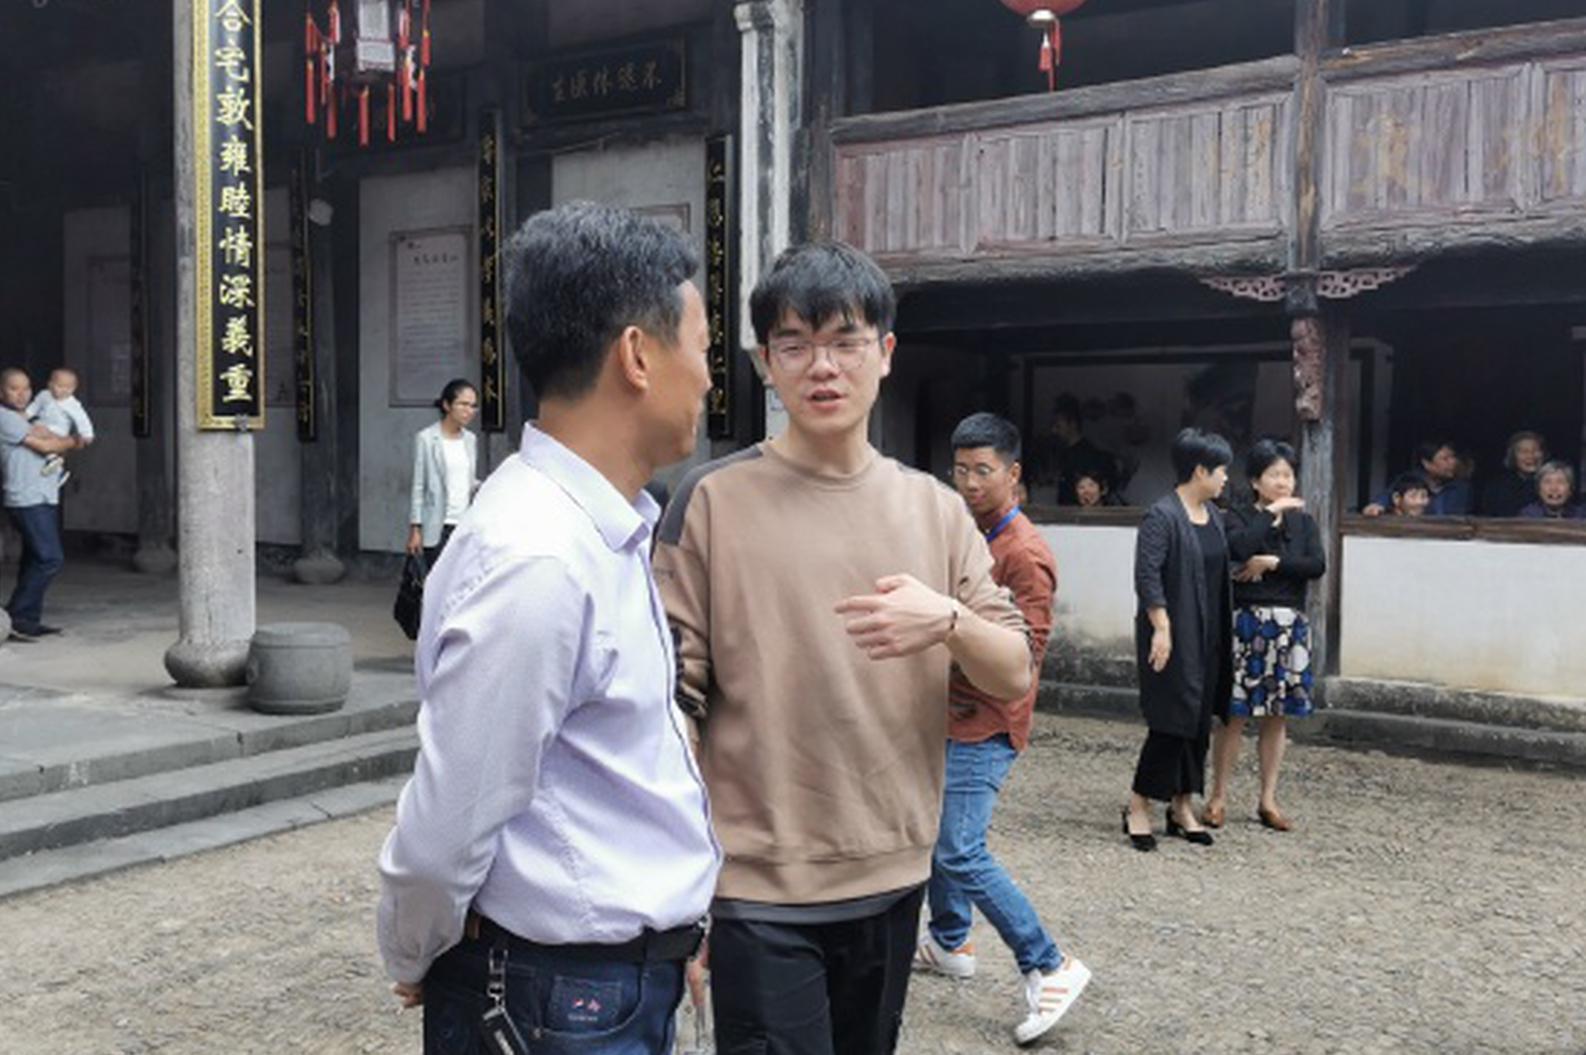 高清-王中王围棋赛游览活动